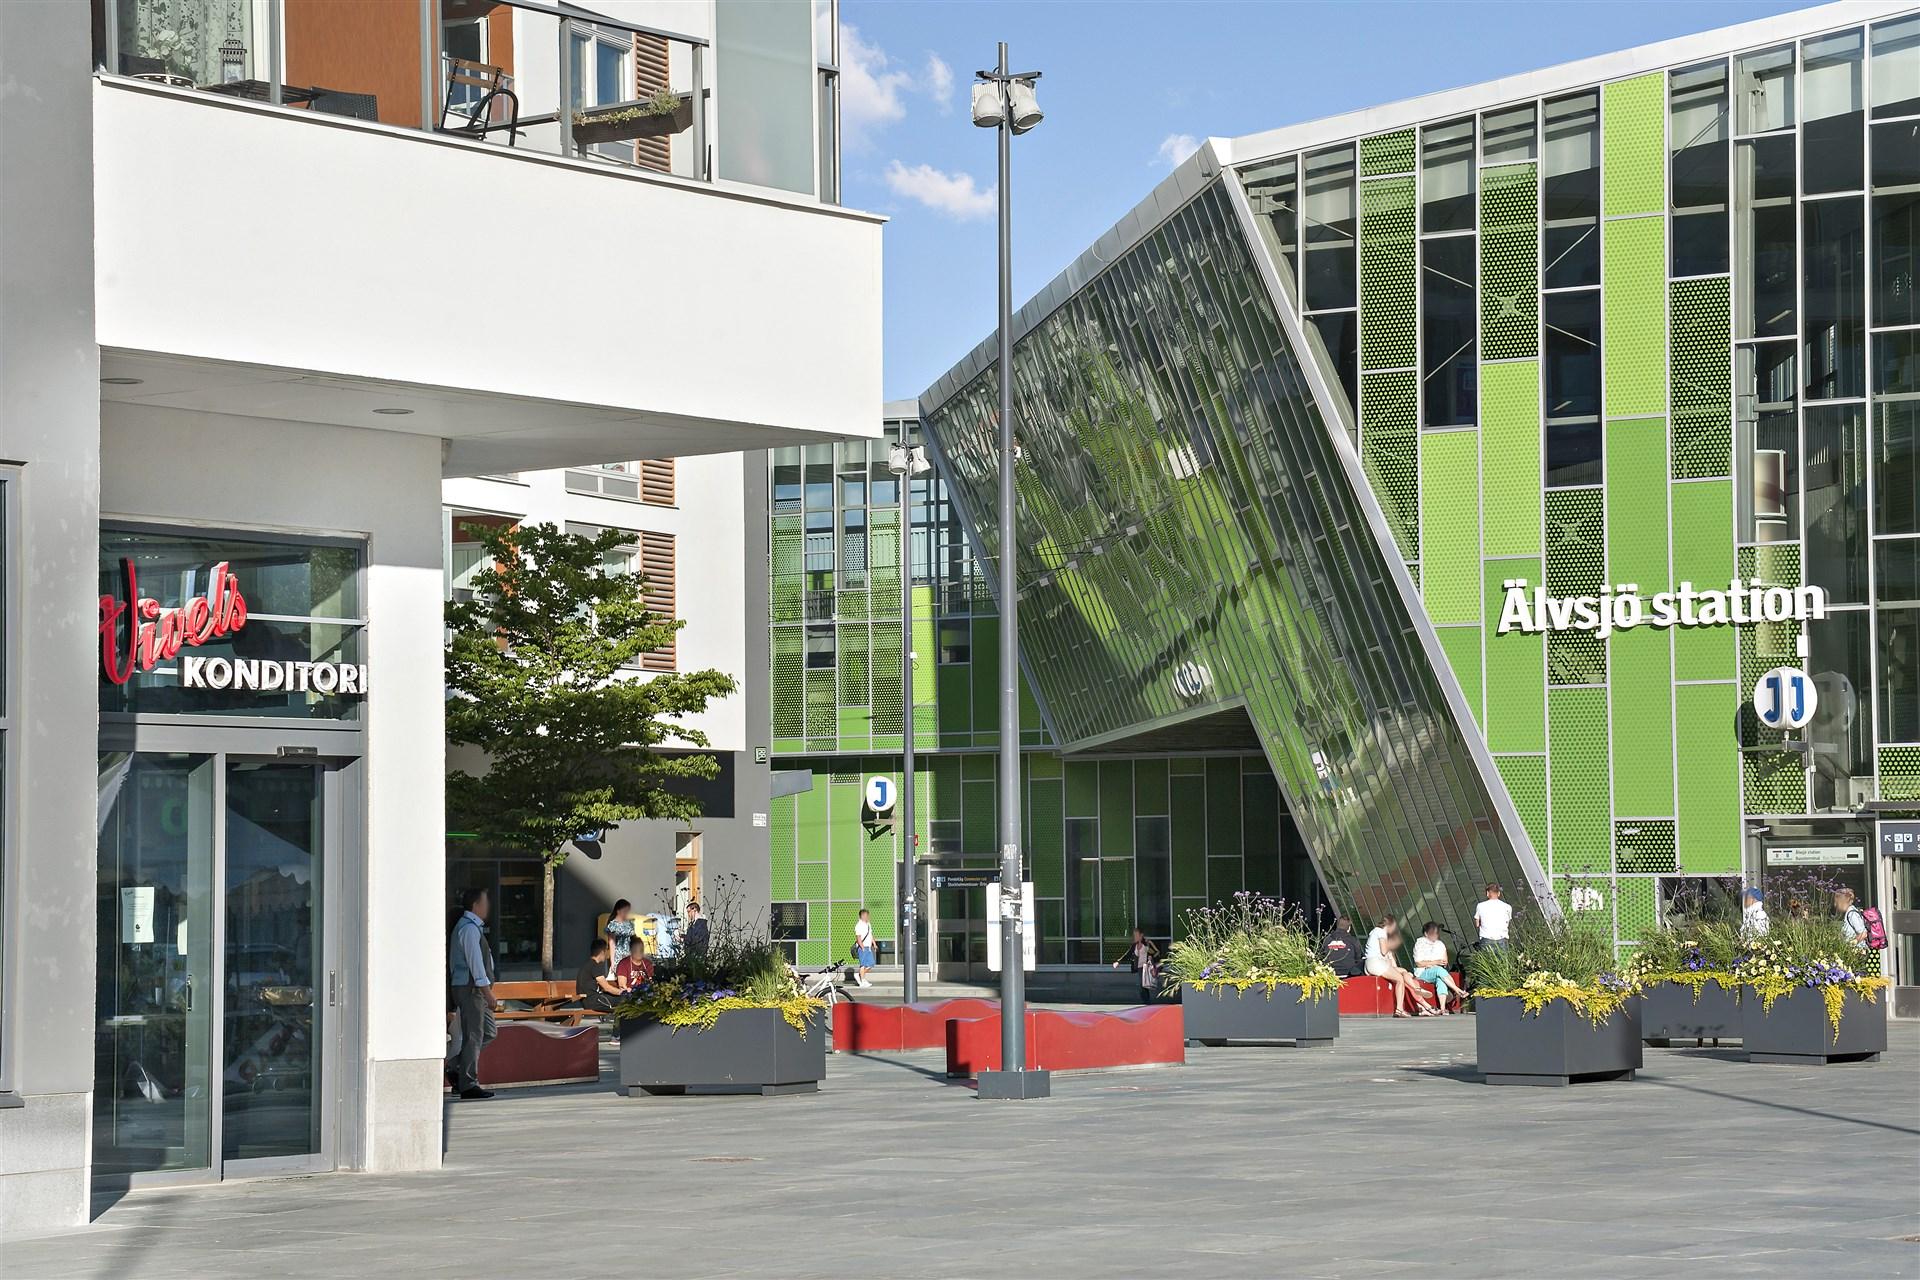 Nära till Älvsjö station med butiker, pendeltåg och bussar. T-bana är planerad